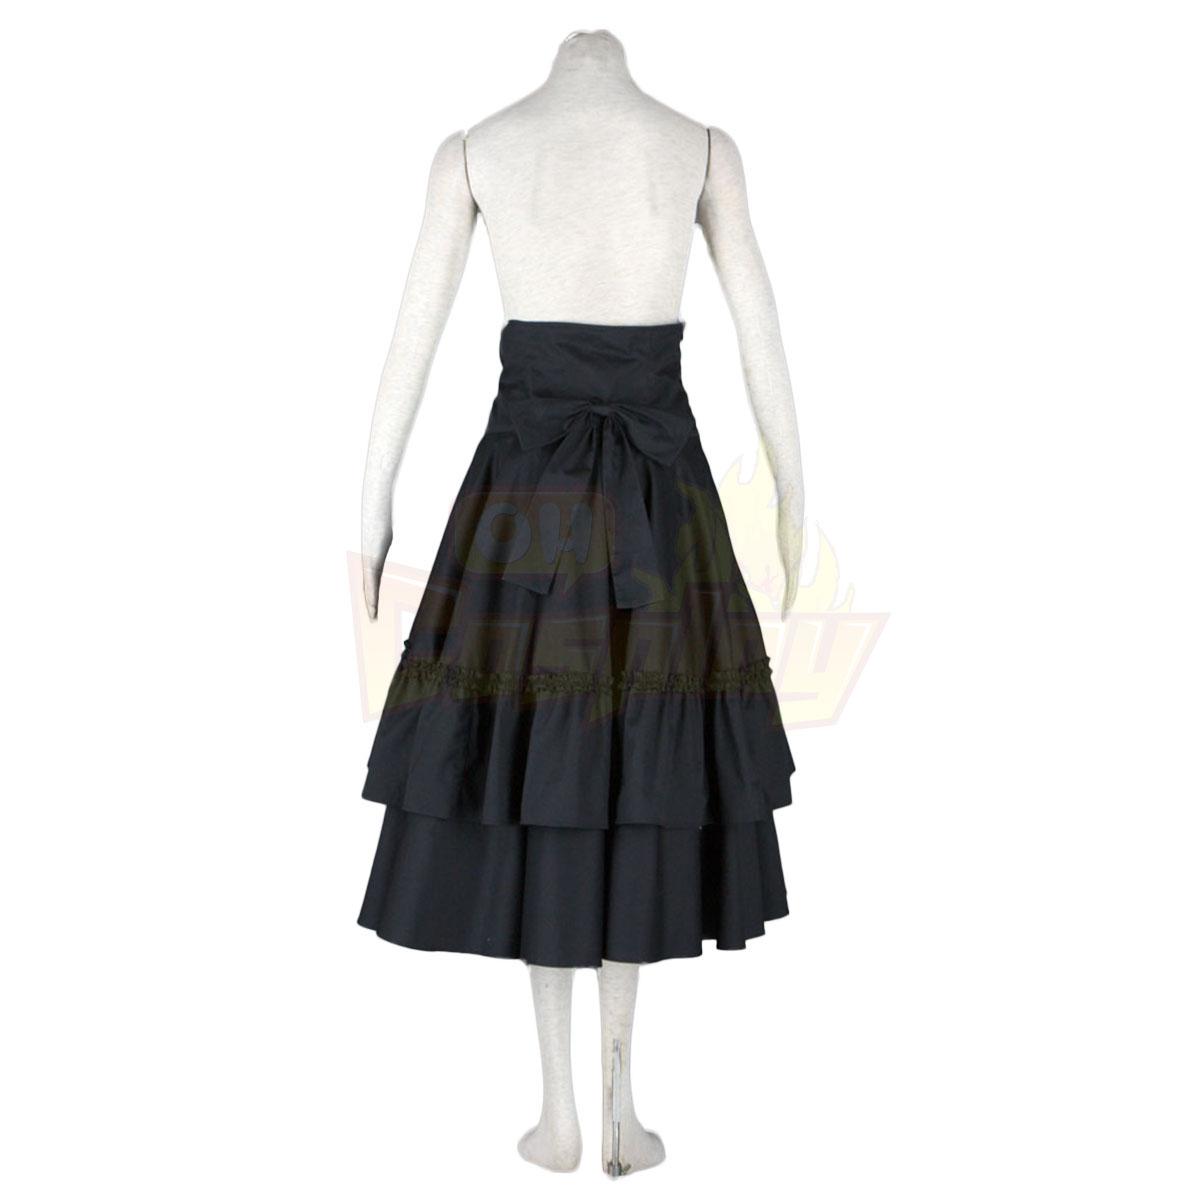 لوليتا فاخرة الثقافة حزام الأسود الانحناء فساتين طويلة كوزبلاي ازياء